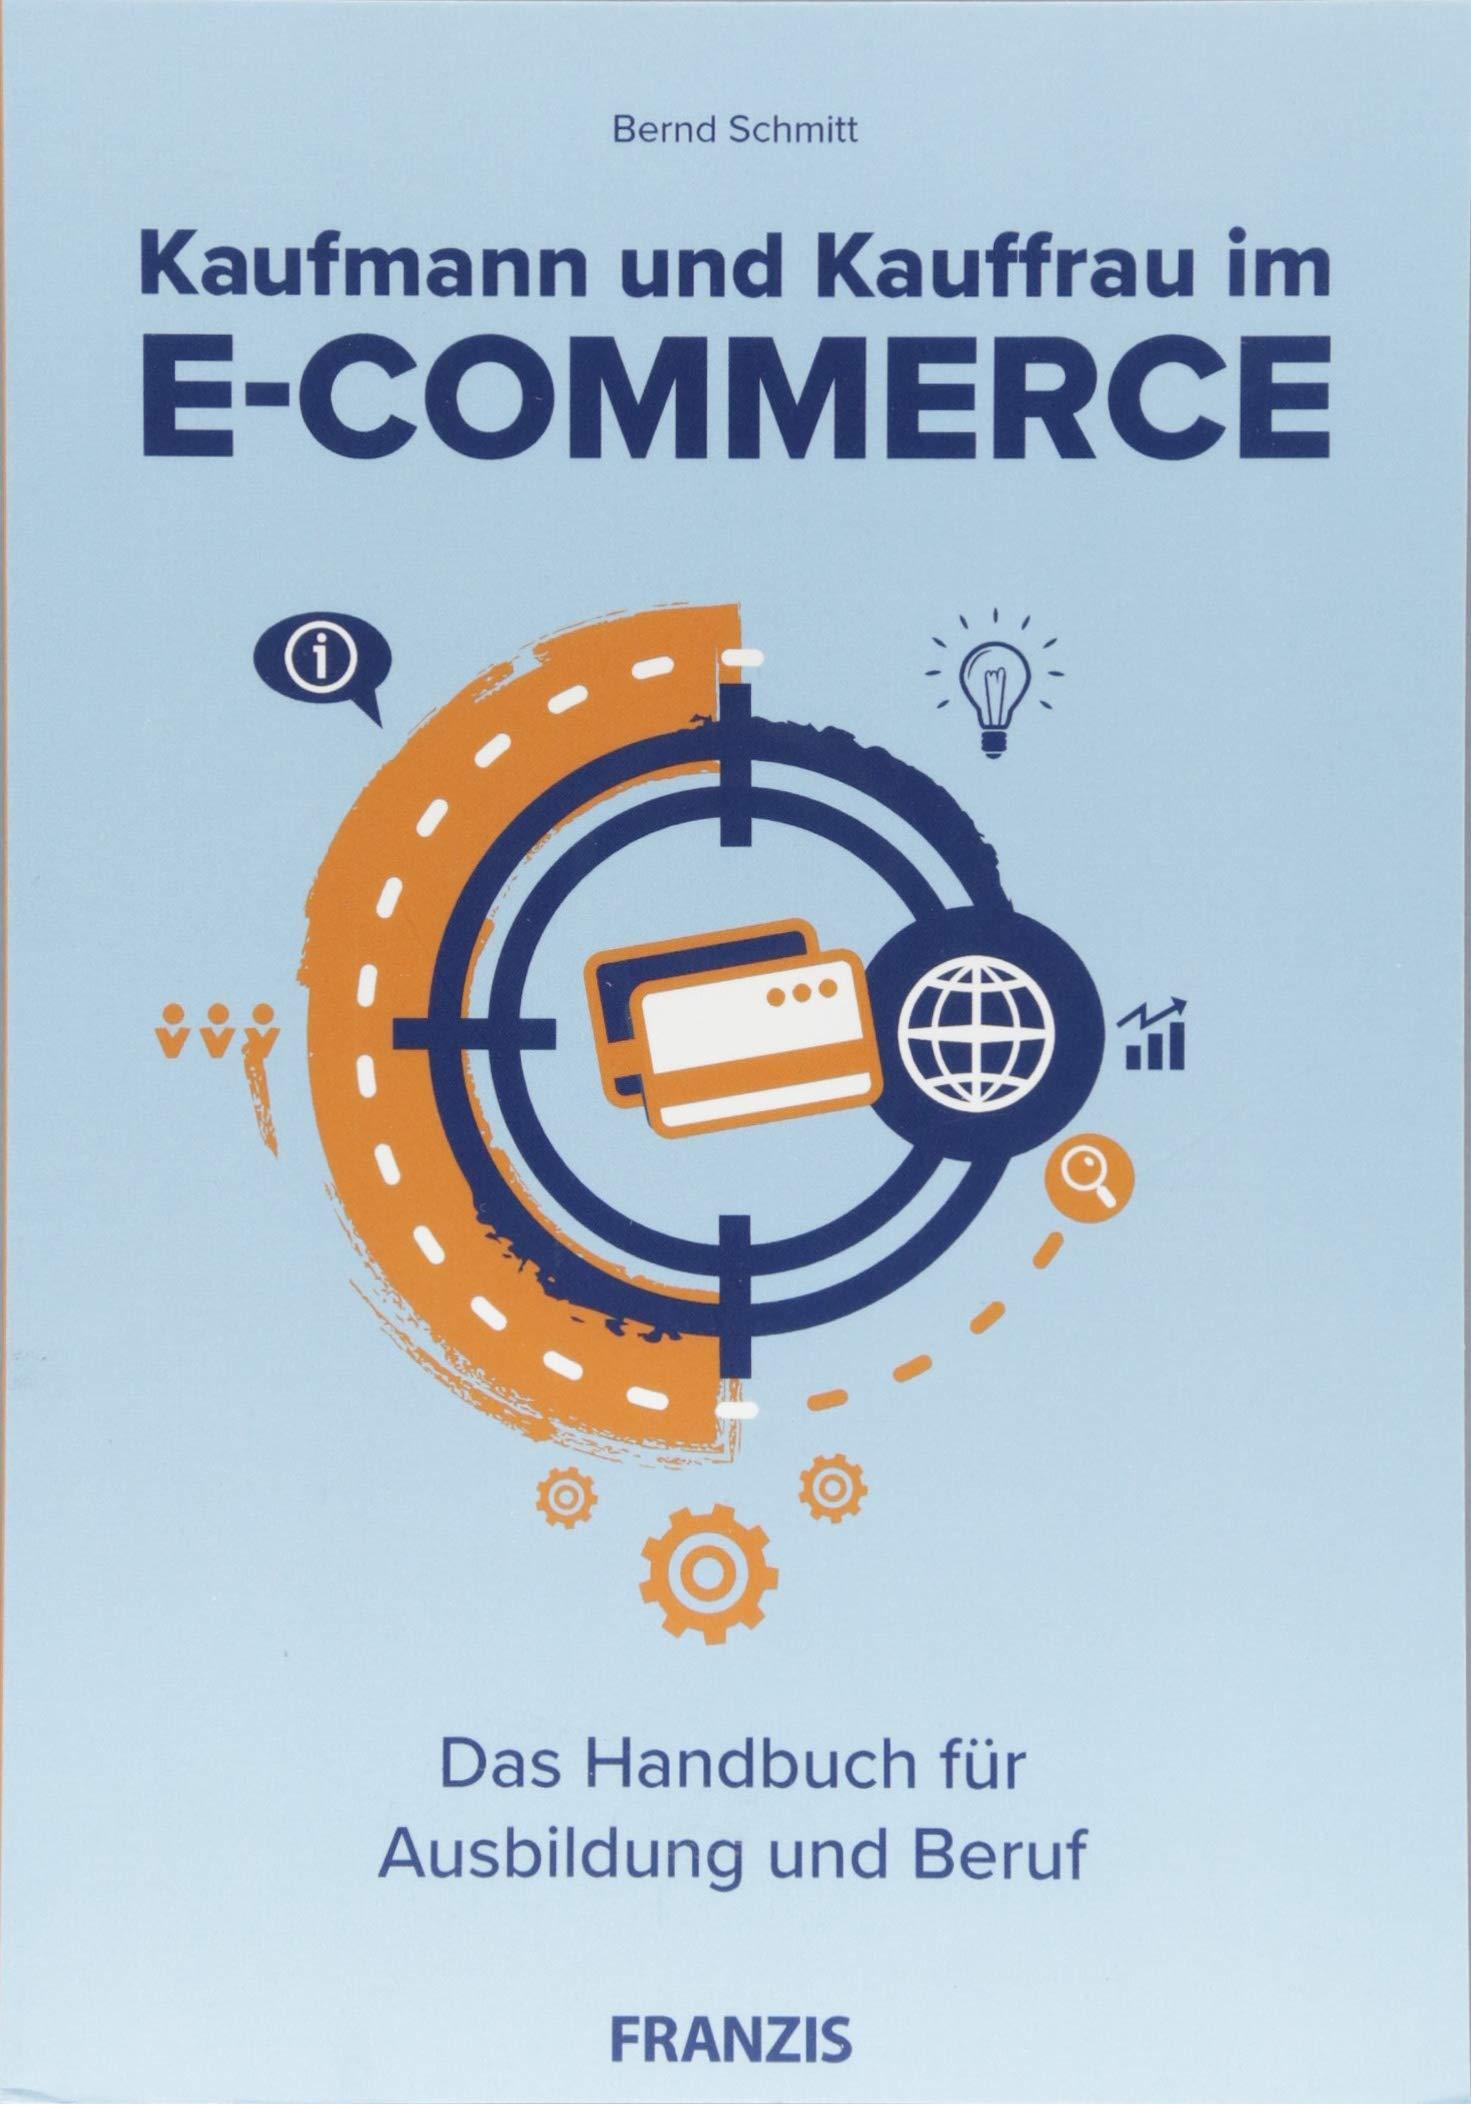 Kaufmann Und Kauffrau Im E Commerce  Das Handbuch Für Ausbildung Und Beruf